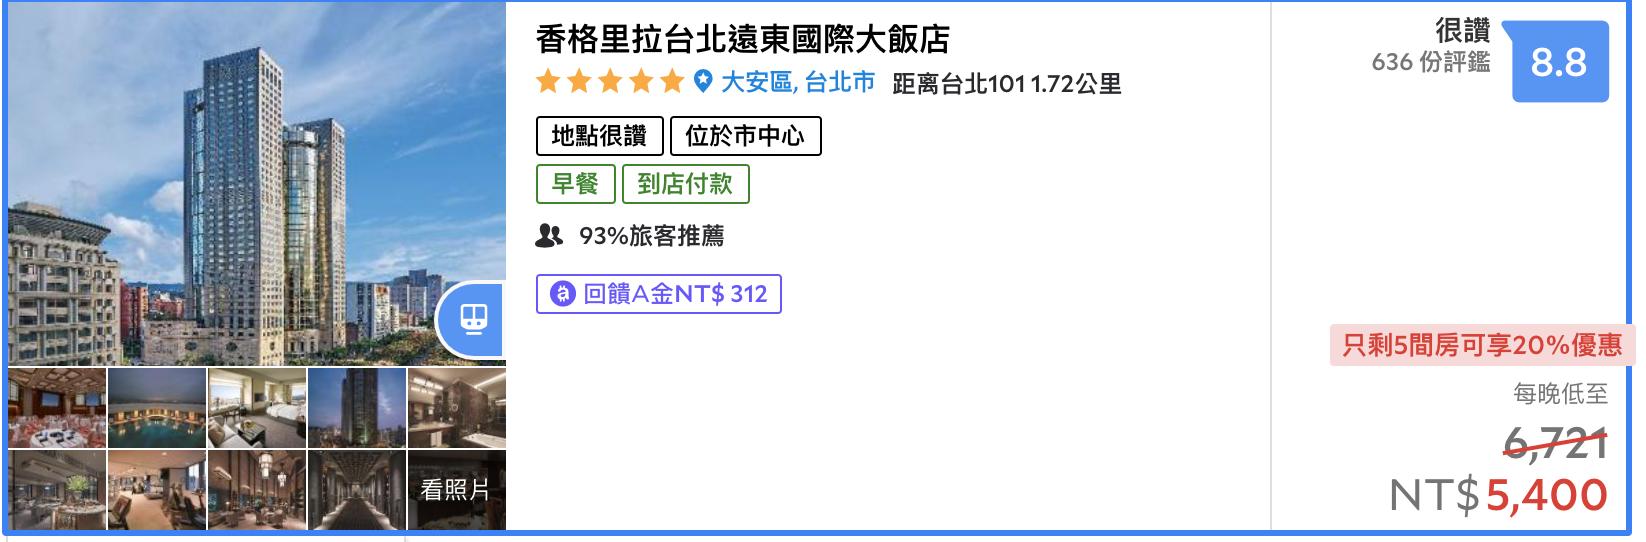 台北遠東又快閃,最低3999含早餐及豪華閣,8/10上午10點開賣